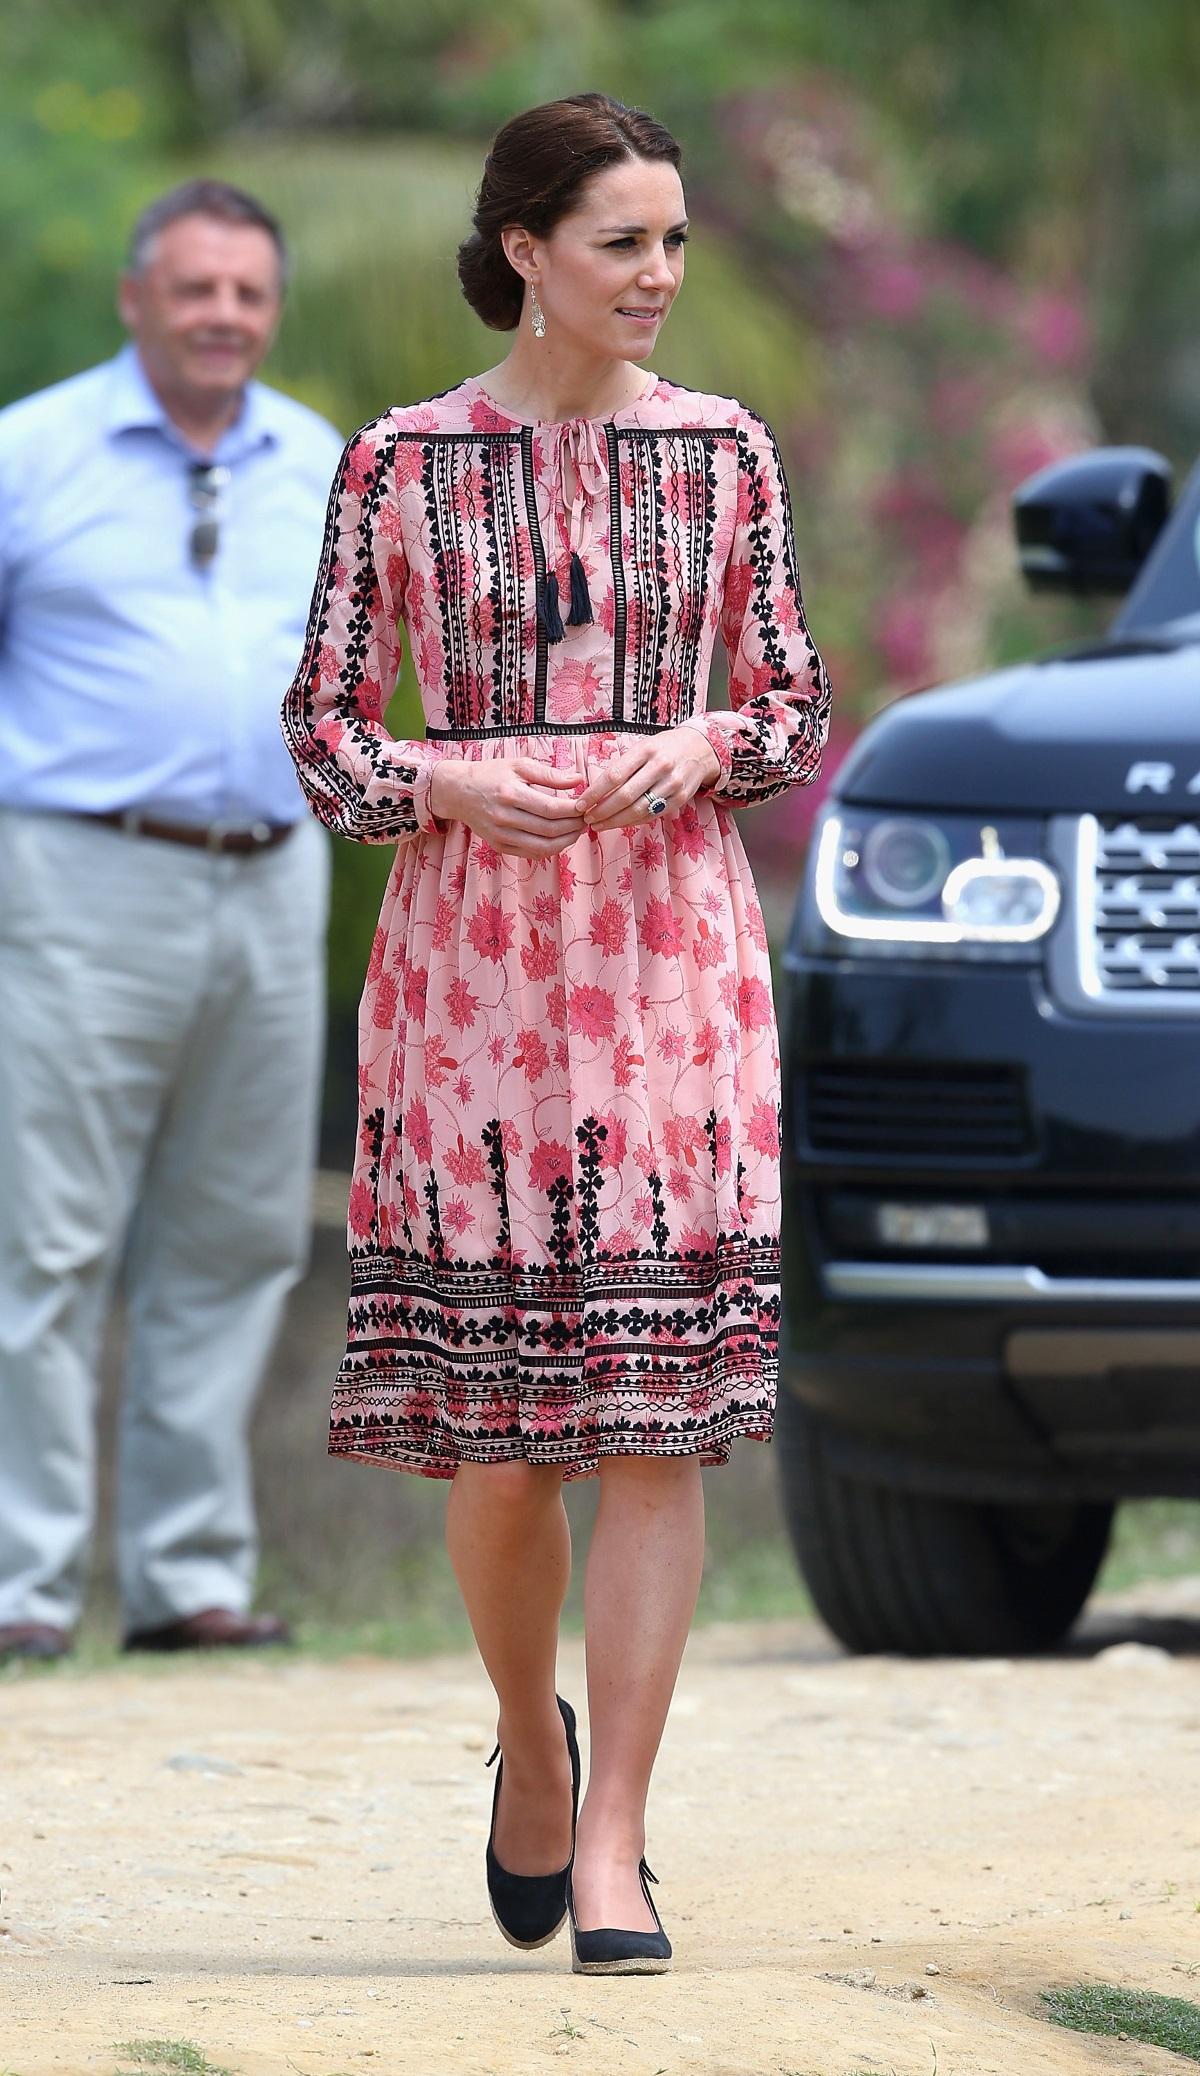 Миналата година през пролетта Кейт Мидълтън и принц Уилям посетиха Индия. През това време видехме херцогинята с много и все стилни и красиви тоалети, а един от тях струва 140 долара.